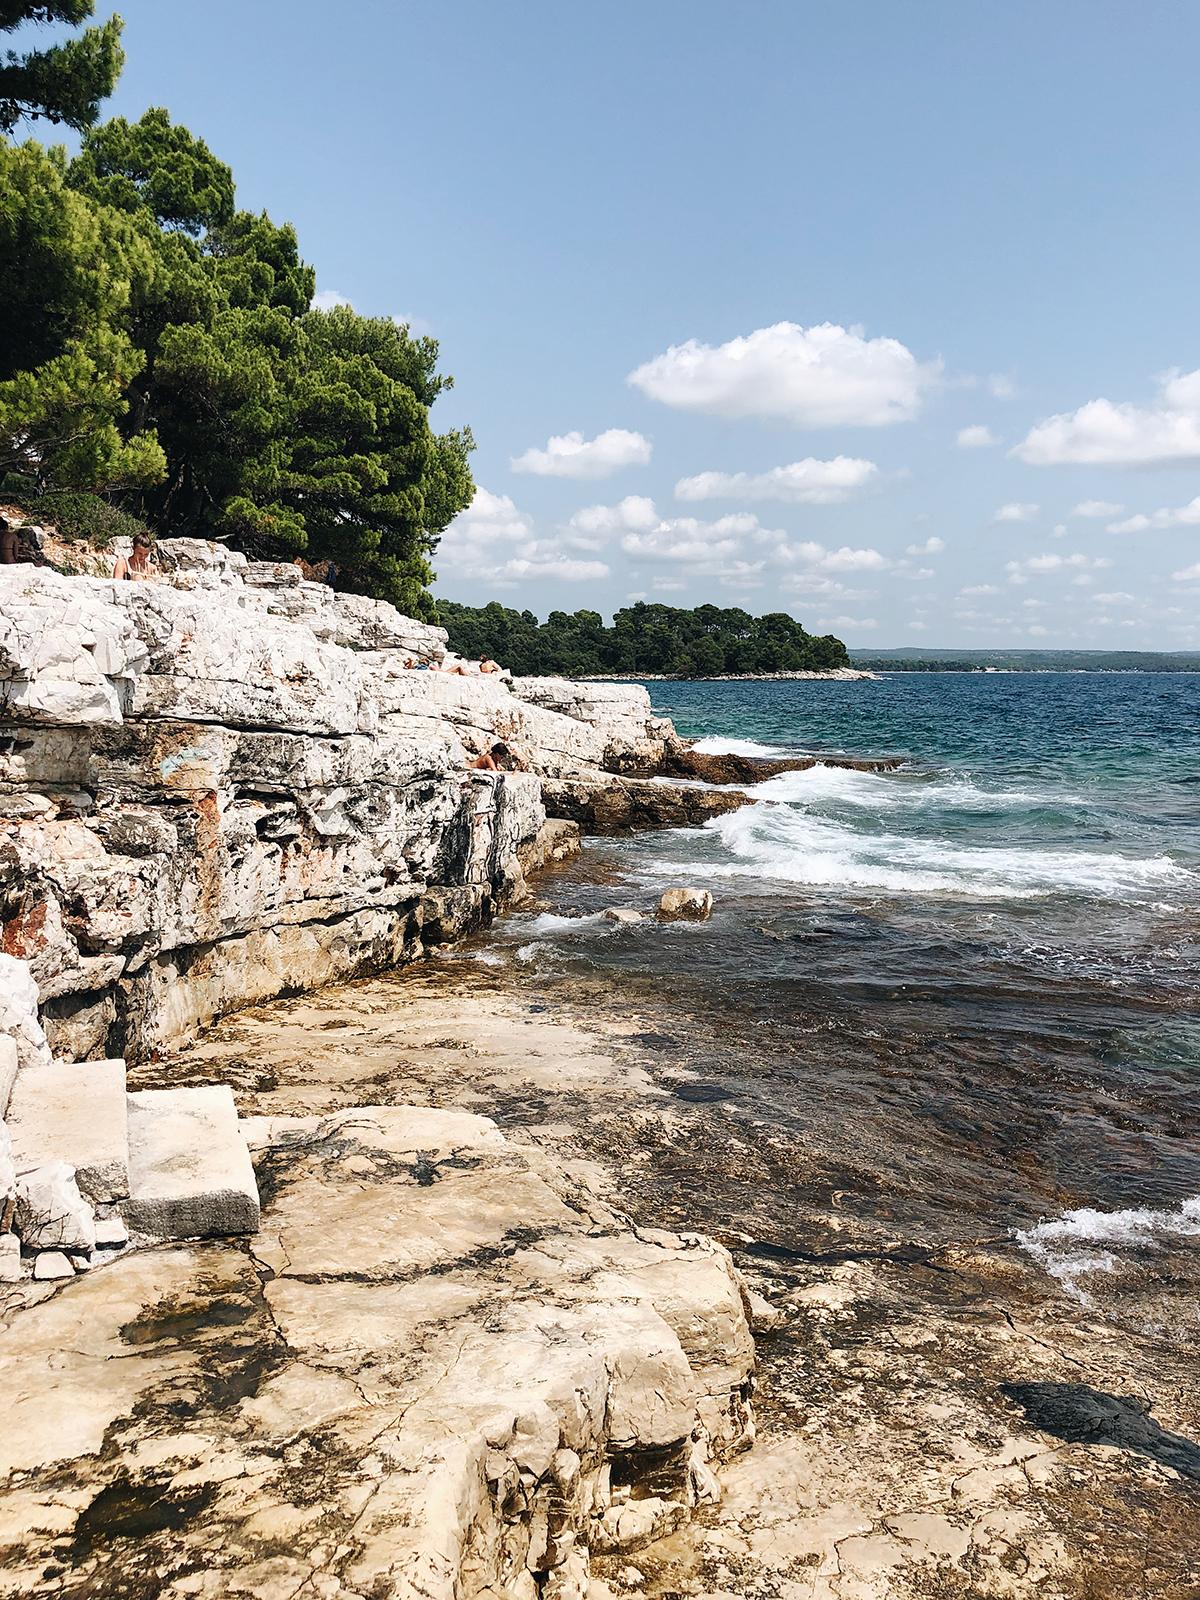 ohranimo-naravo-čisto-in-neokrnjeno-lili-in-roza-blog-skrb-za-okolje-morje-6.JPG